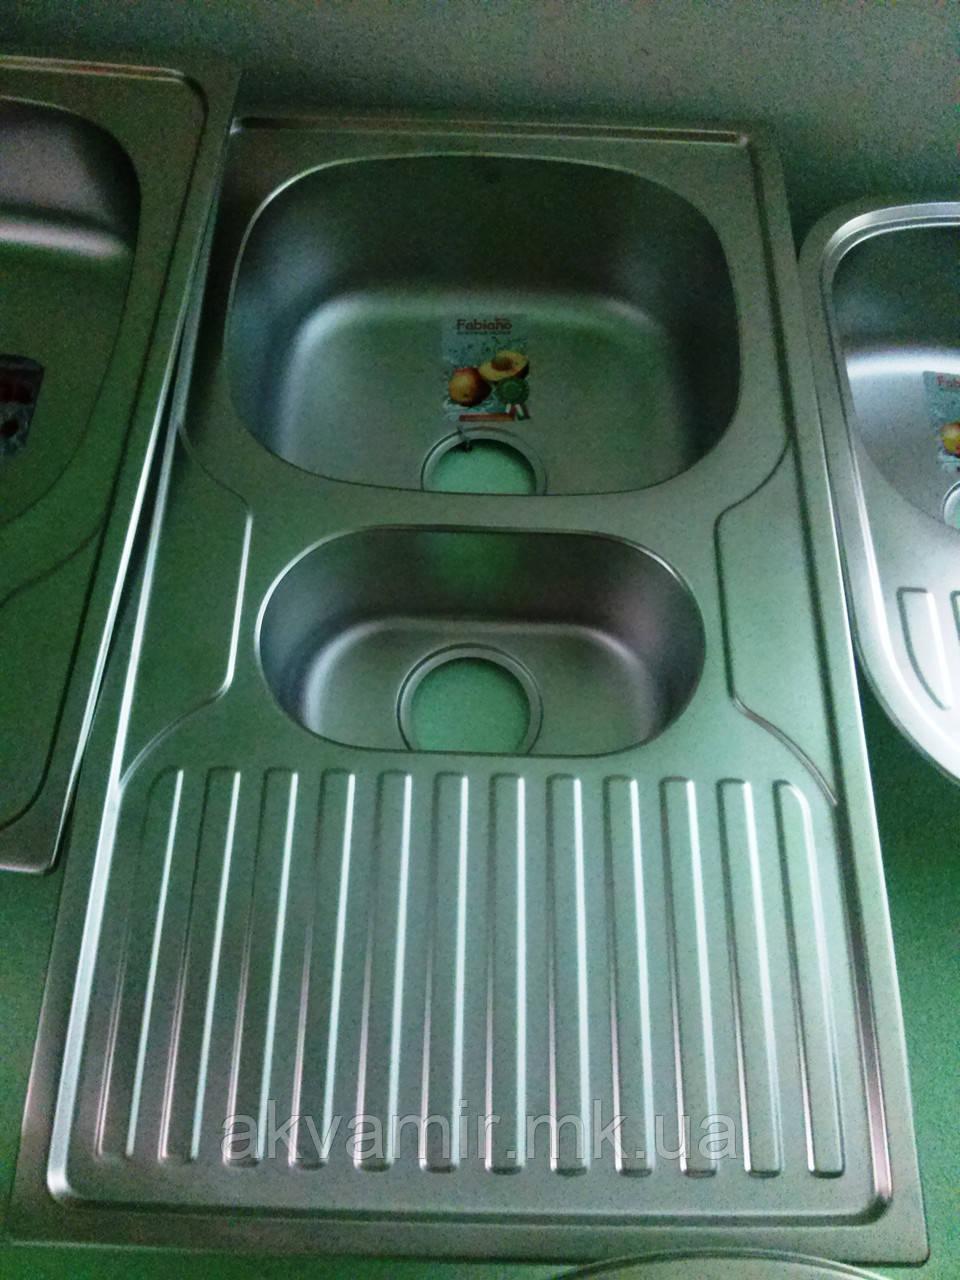 Мийка Fabiano 88х50х15 Microdecor нерж. сталь 0.8 мм (Туреччина)